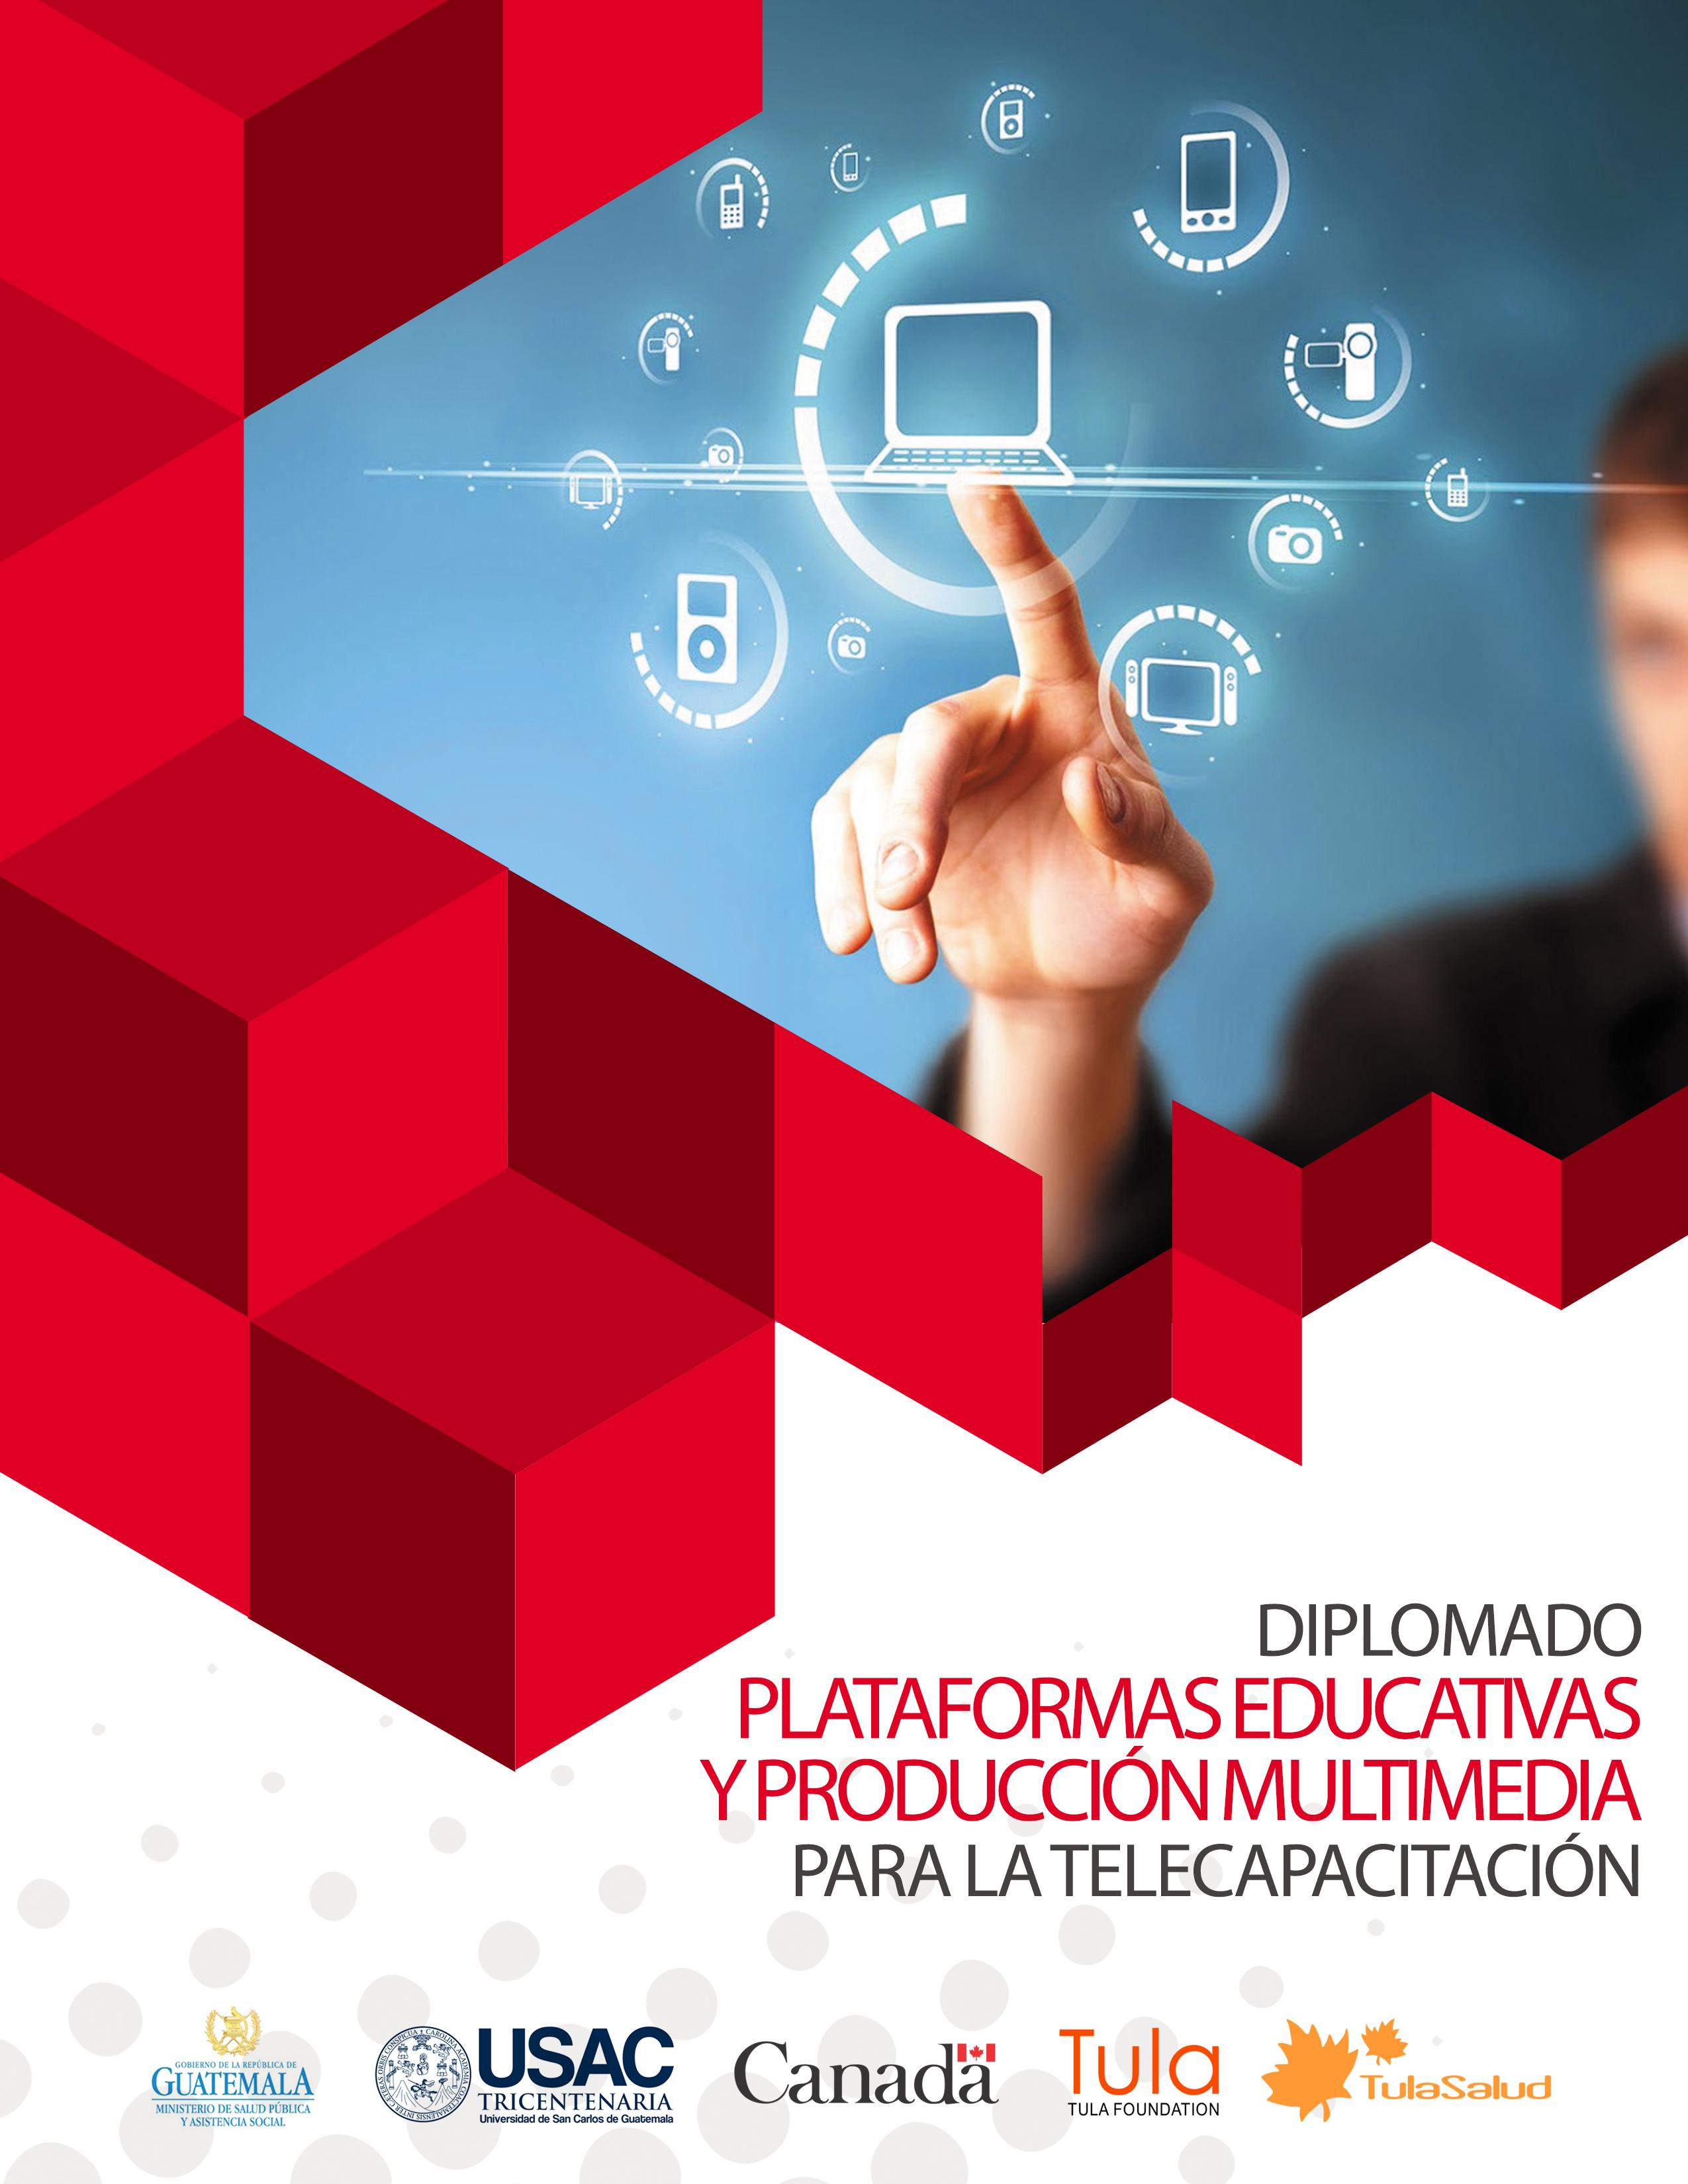 Plataformas Educativas y Producción Multimedia para la TeleCapacitación